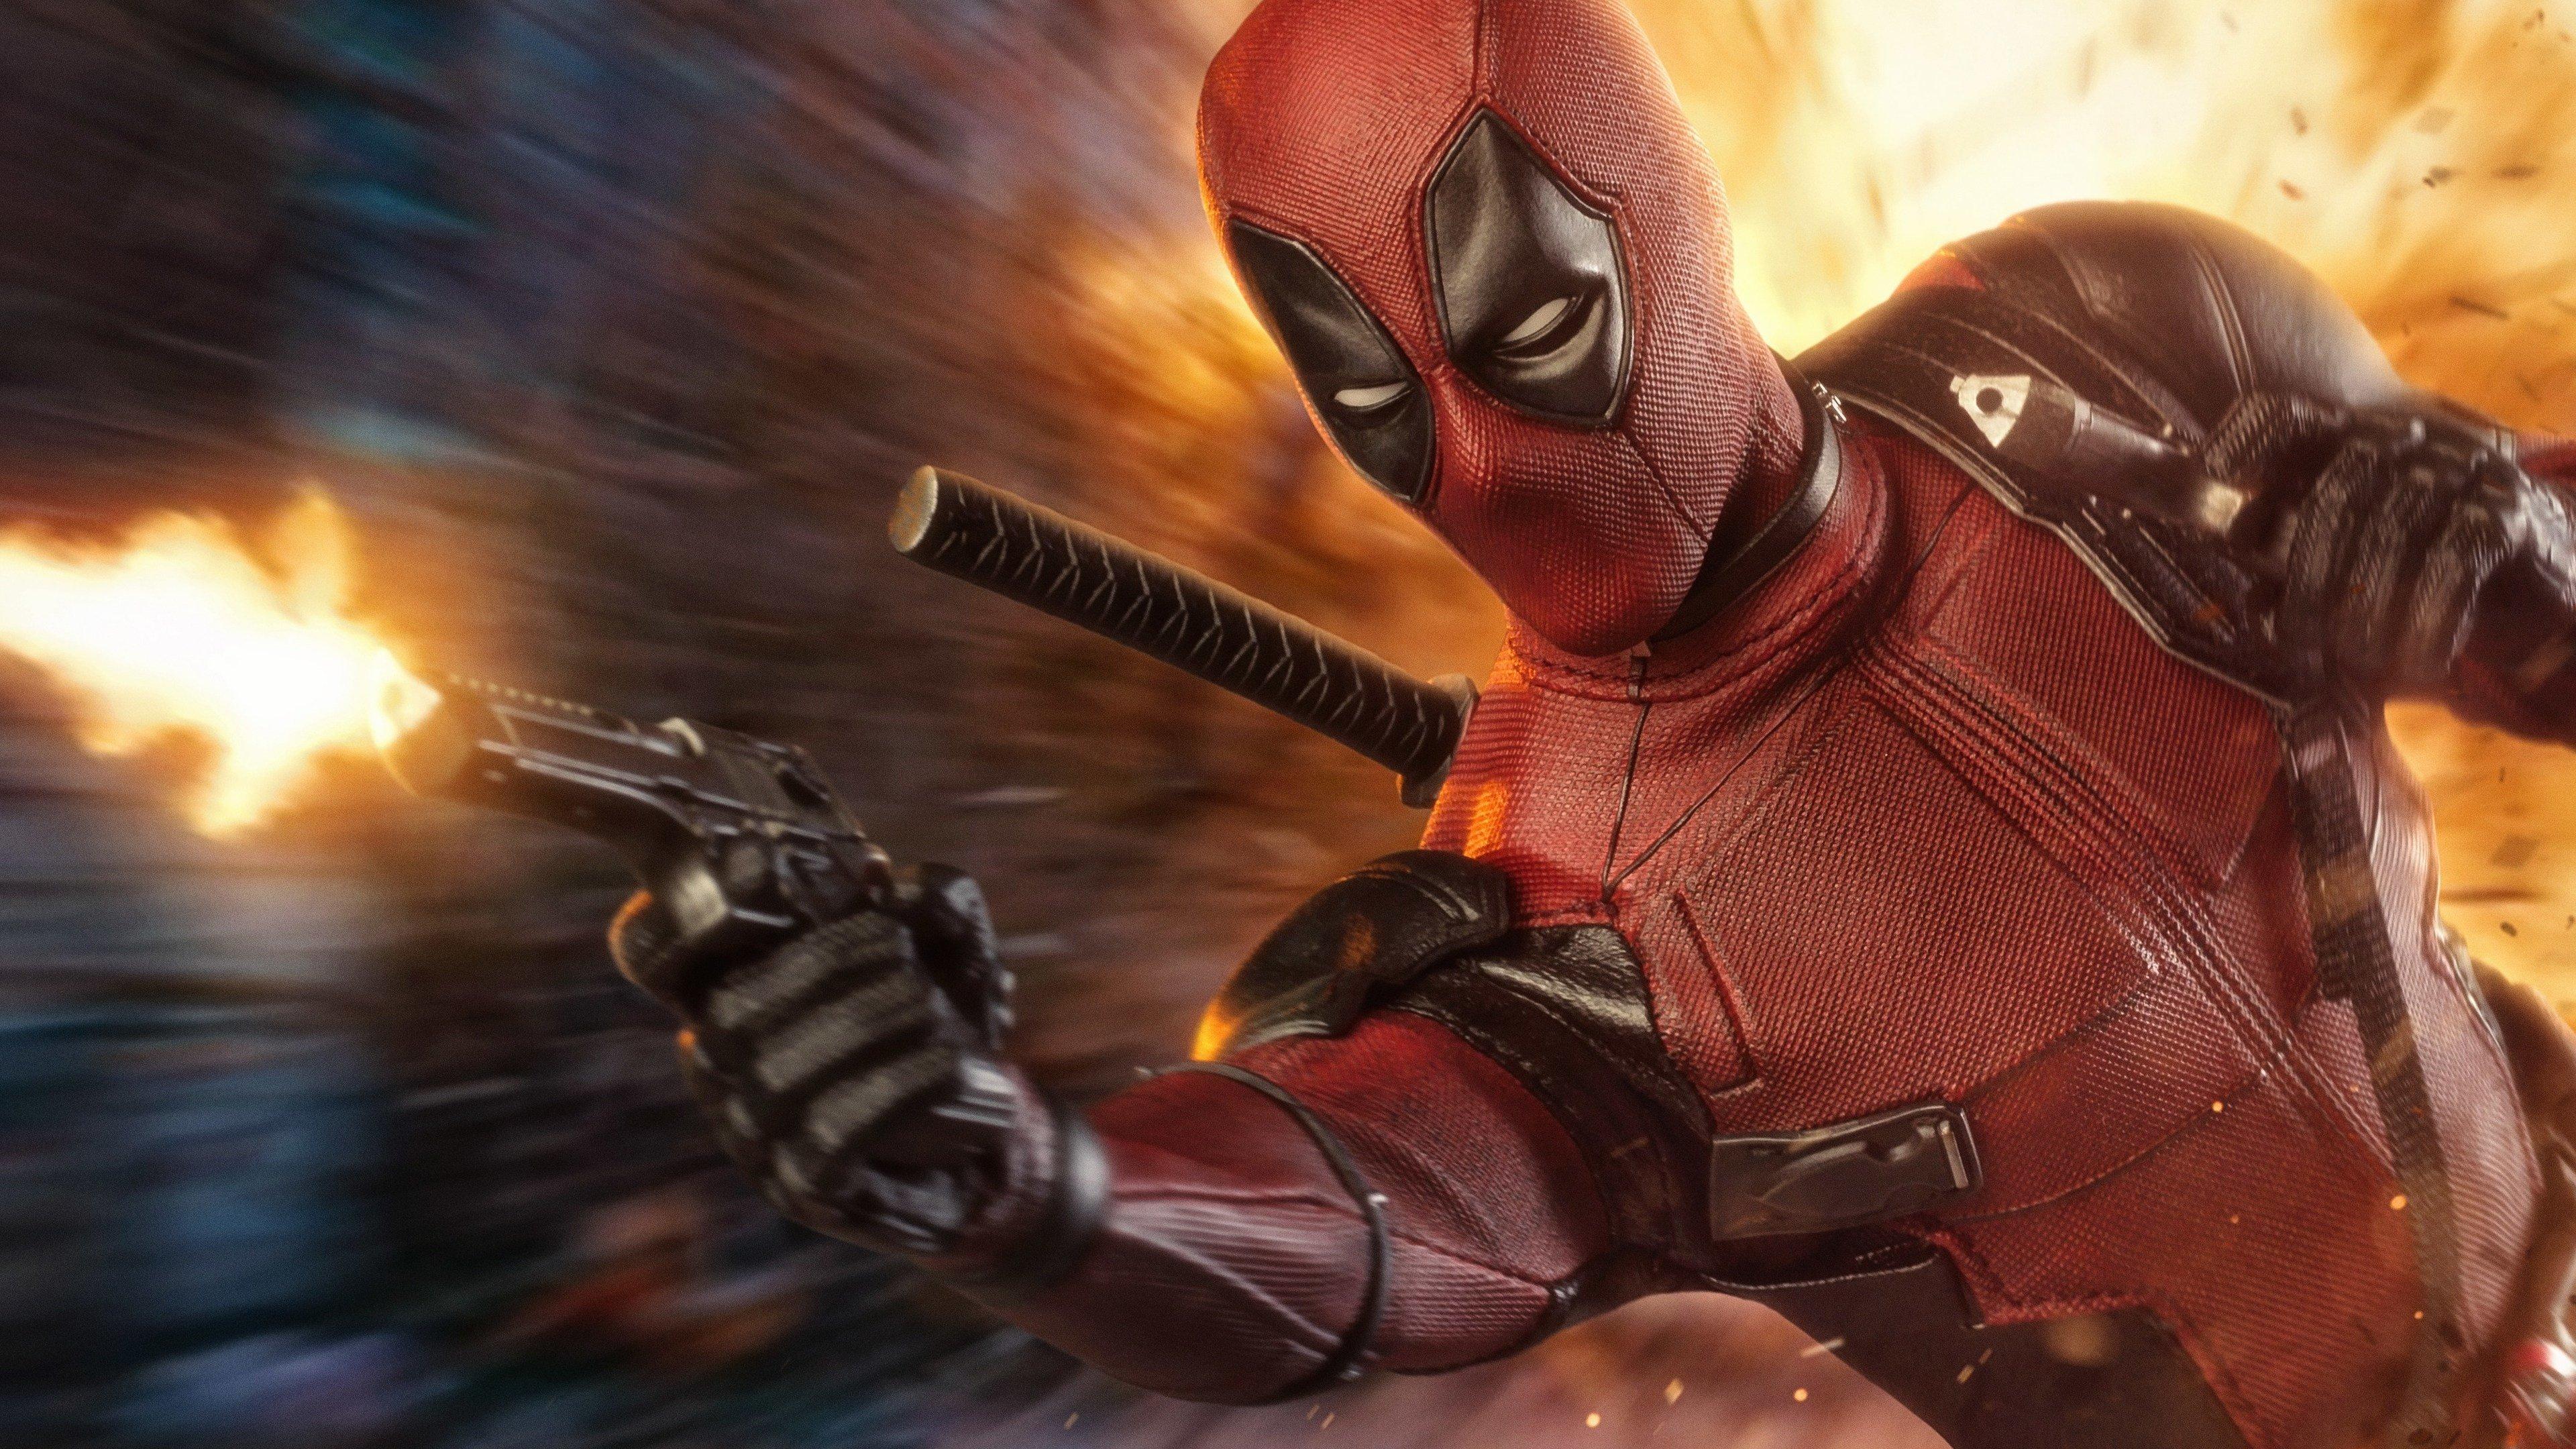 Fondos de pantalla Deadpool con pistola